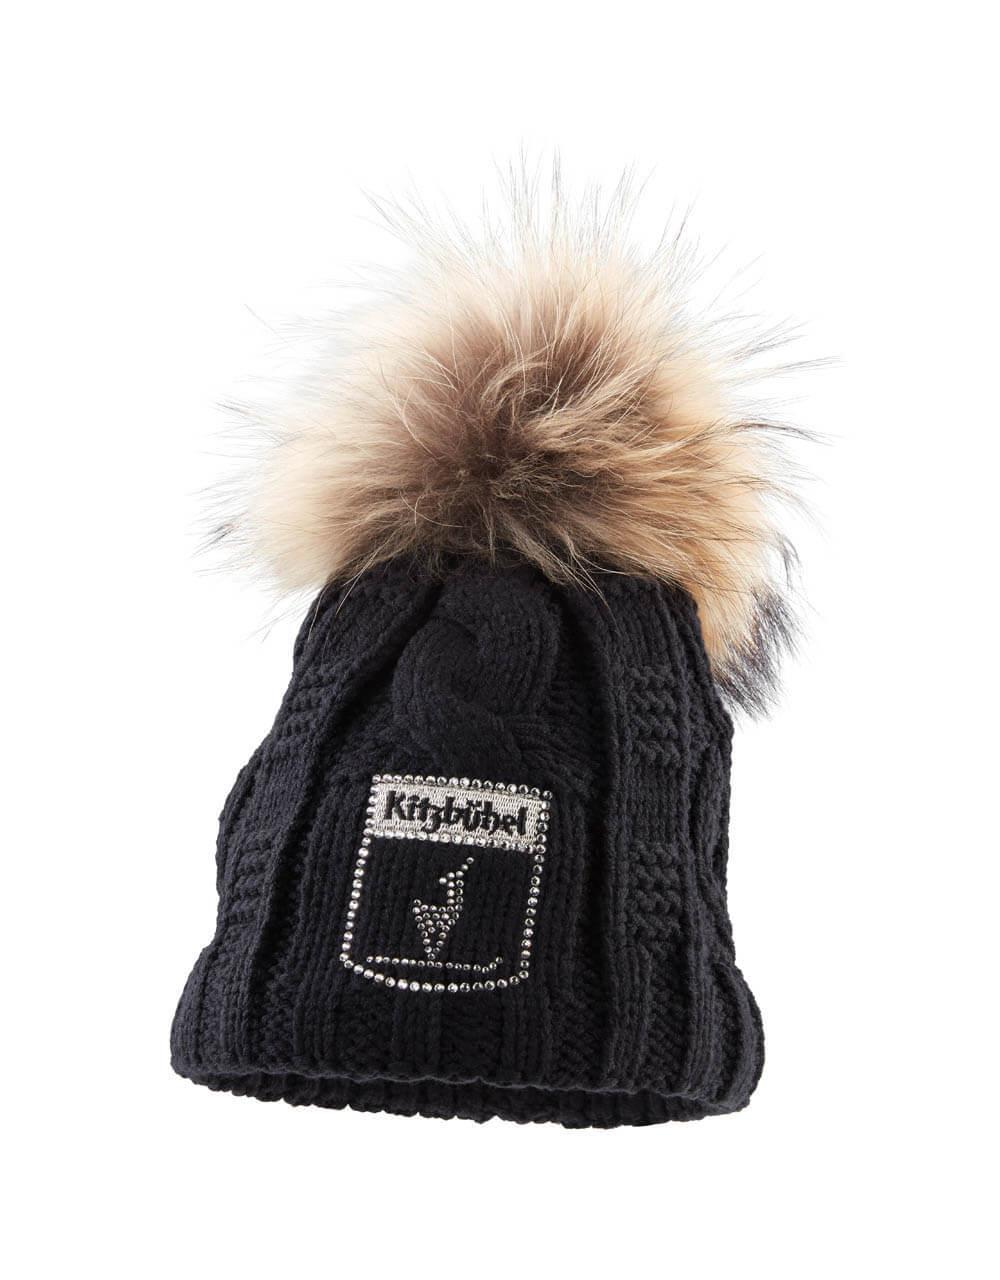 701238110 Damen Mütze Swarovski schwarz